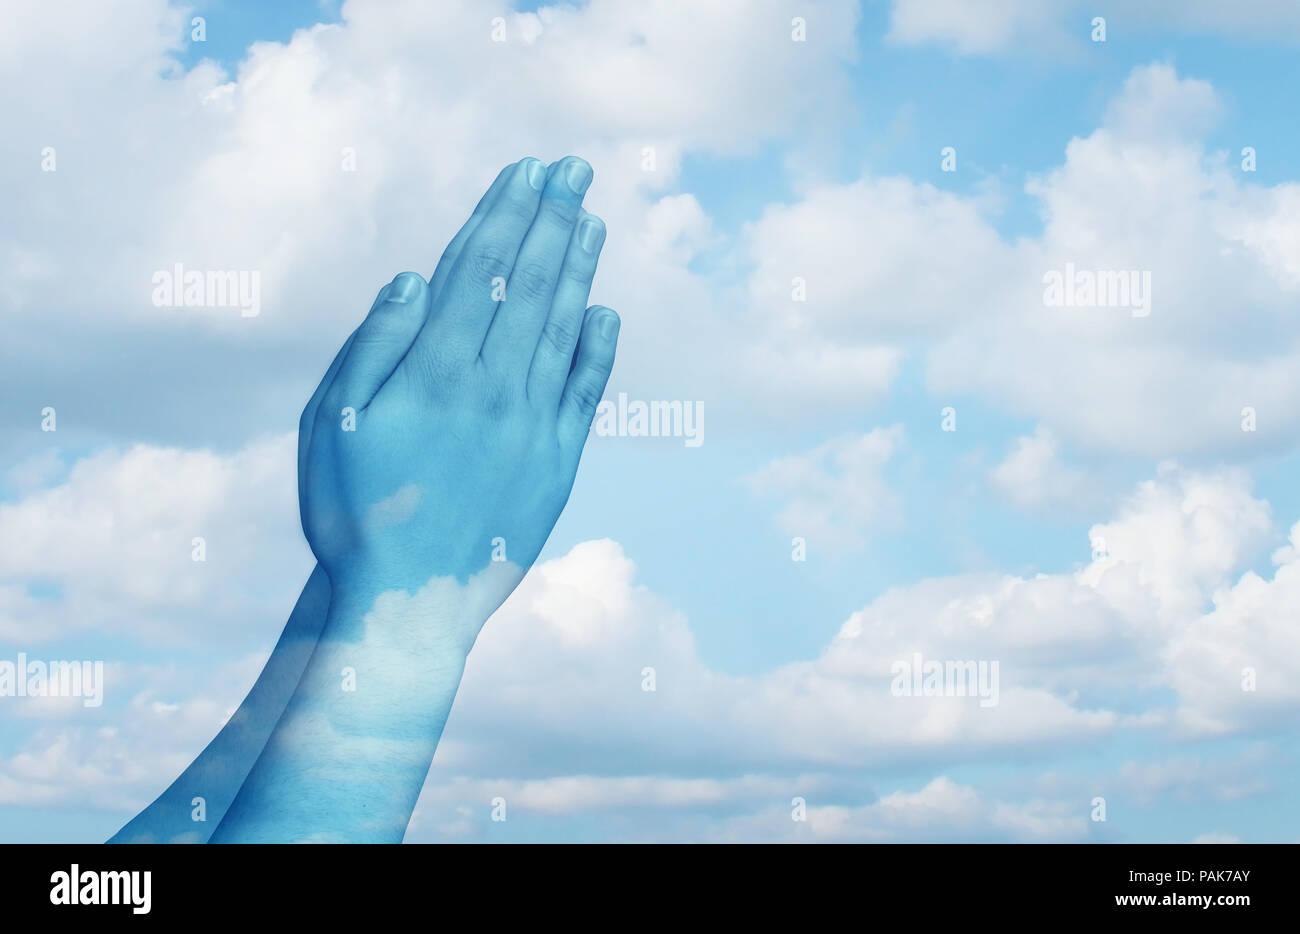 Das Gebet und das geistliche Leben Konzept als Hände in Anbetung auf einem Himmel Hintergrund als Symbol für den Glauben und Spiritualität in der Religion. Stockbild